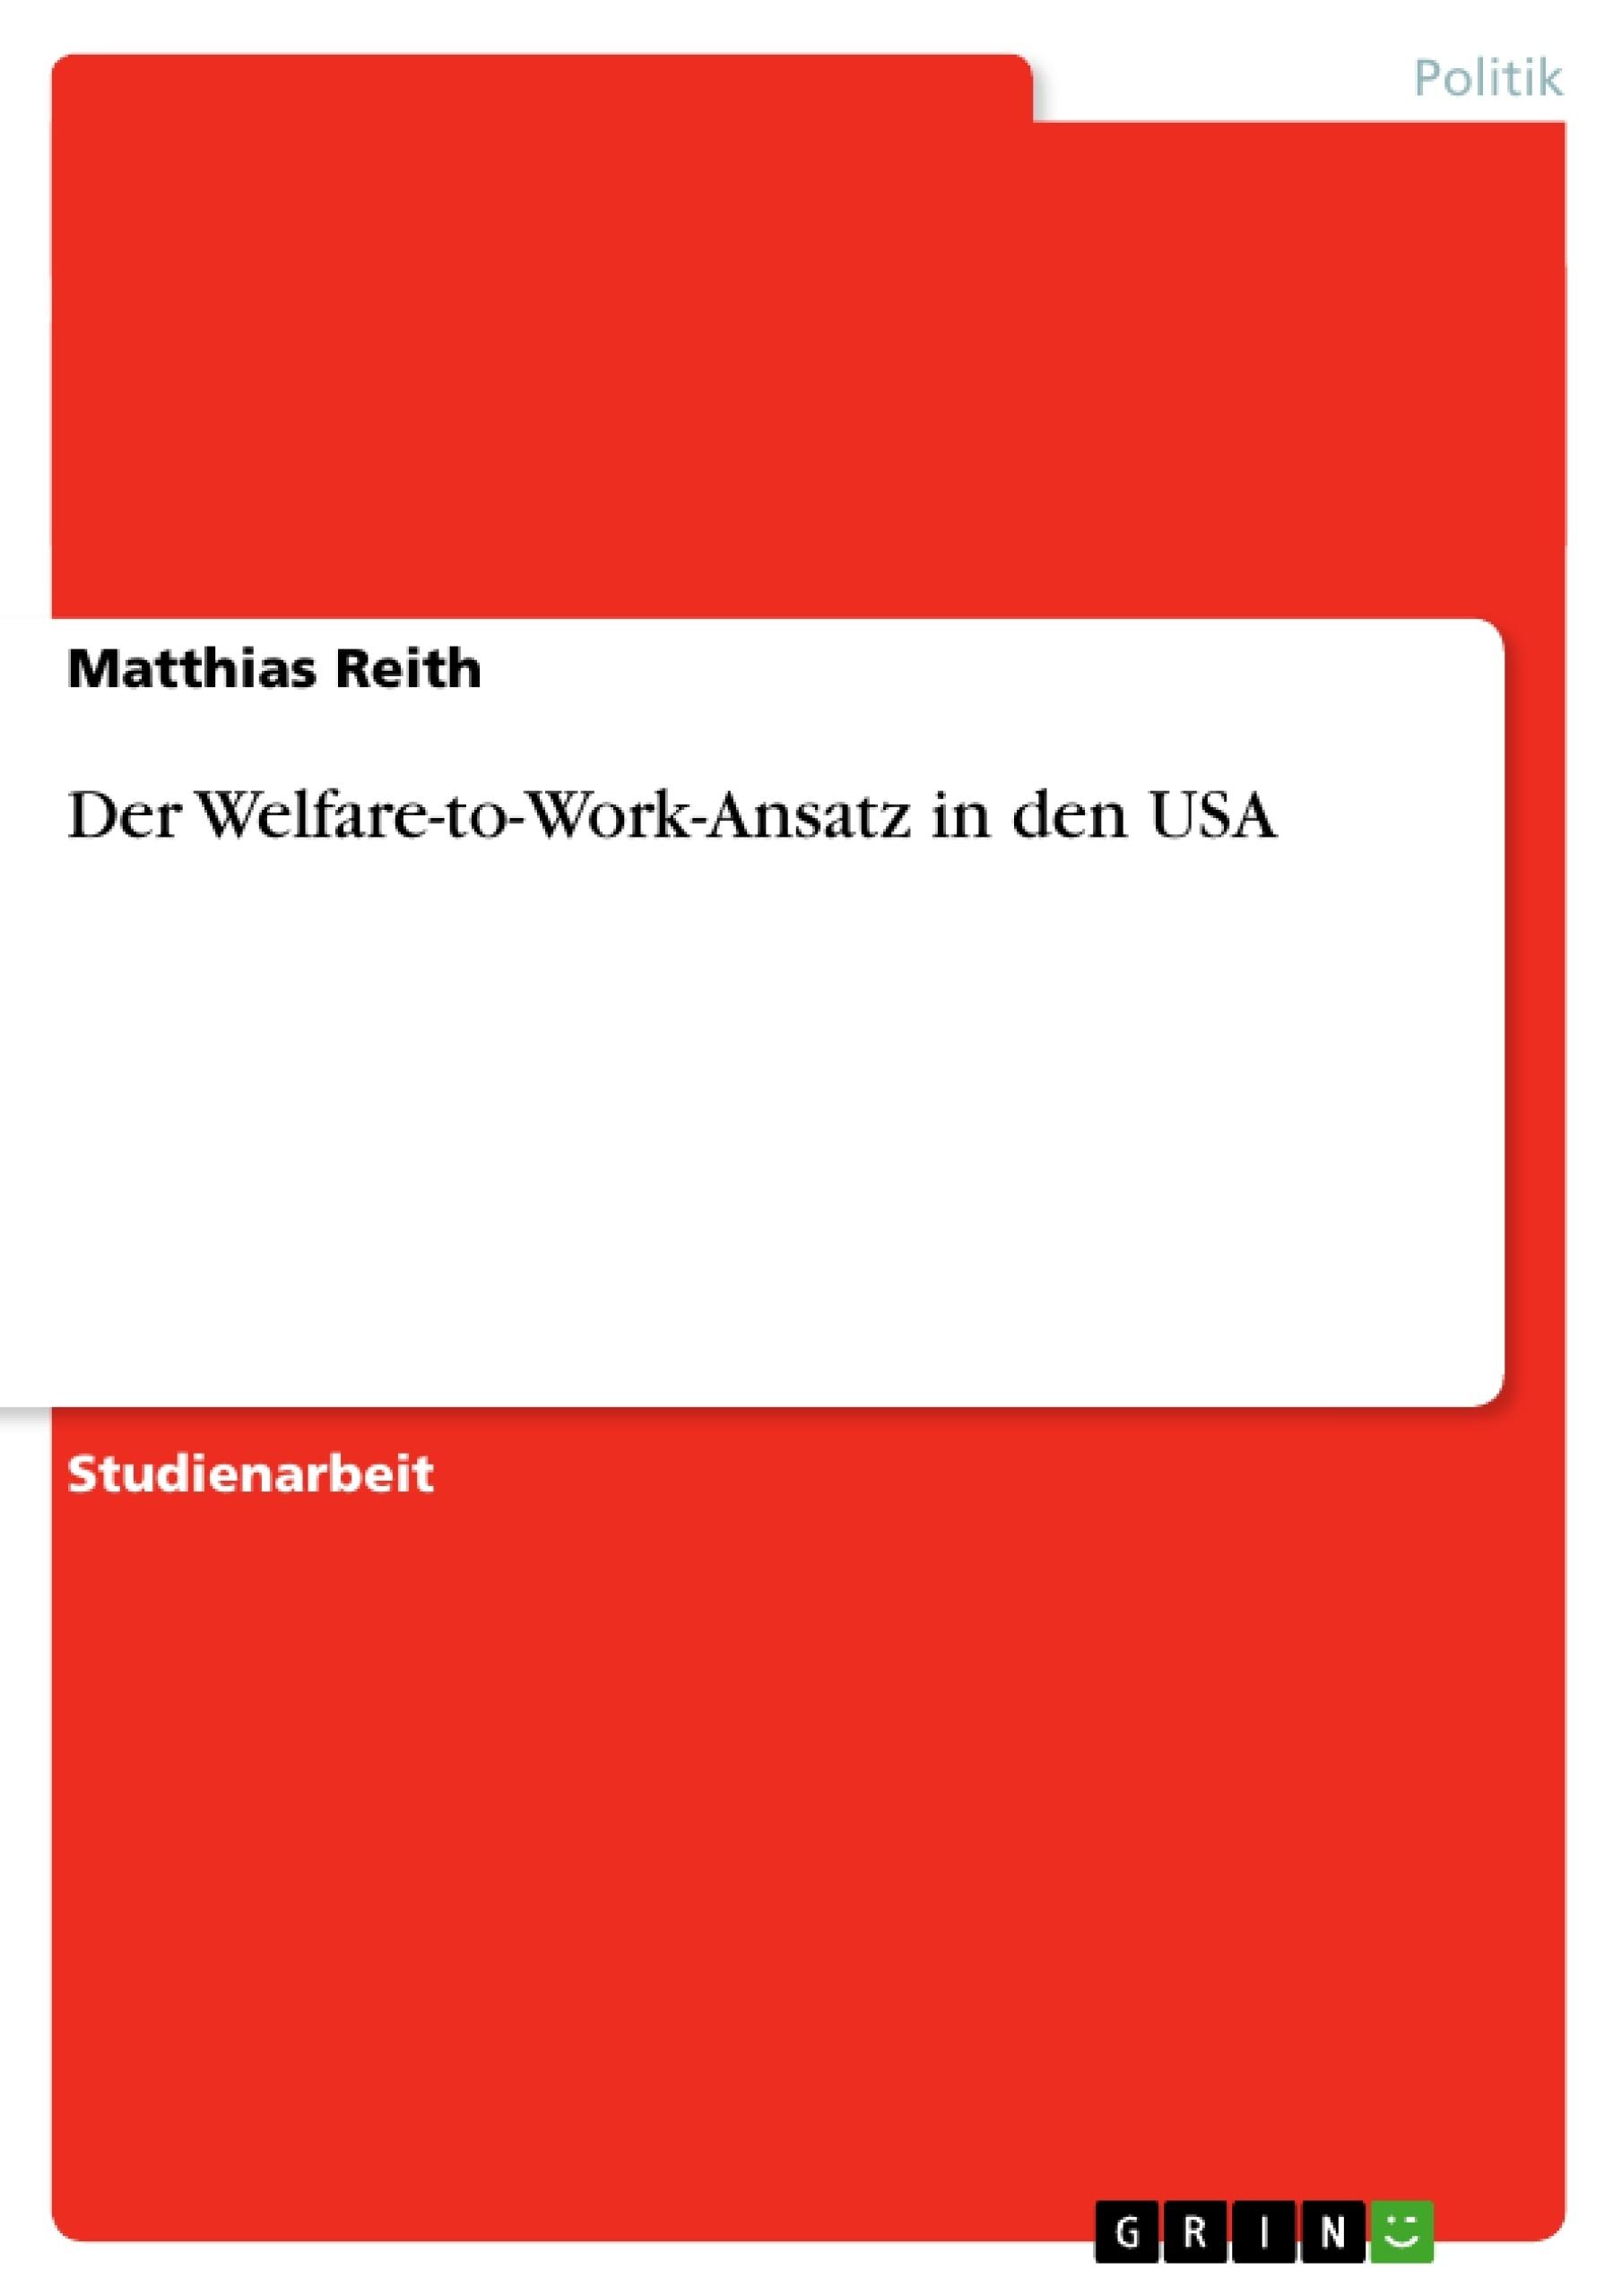 Titel: Der Welfare-to-Work-Ansatz in den USA